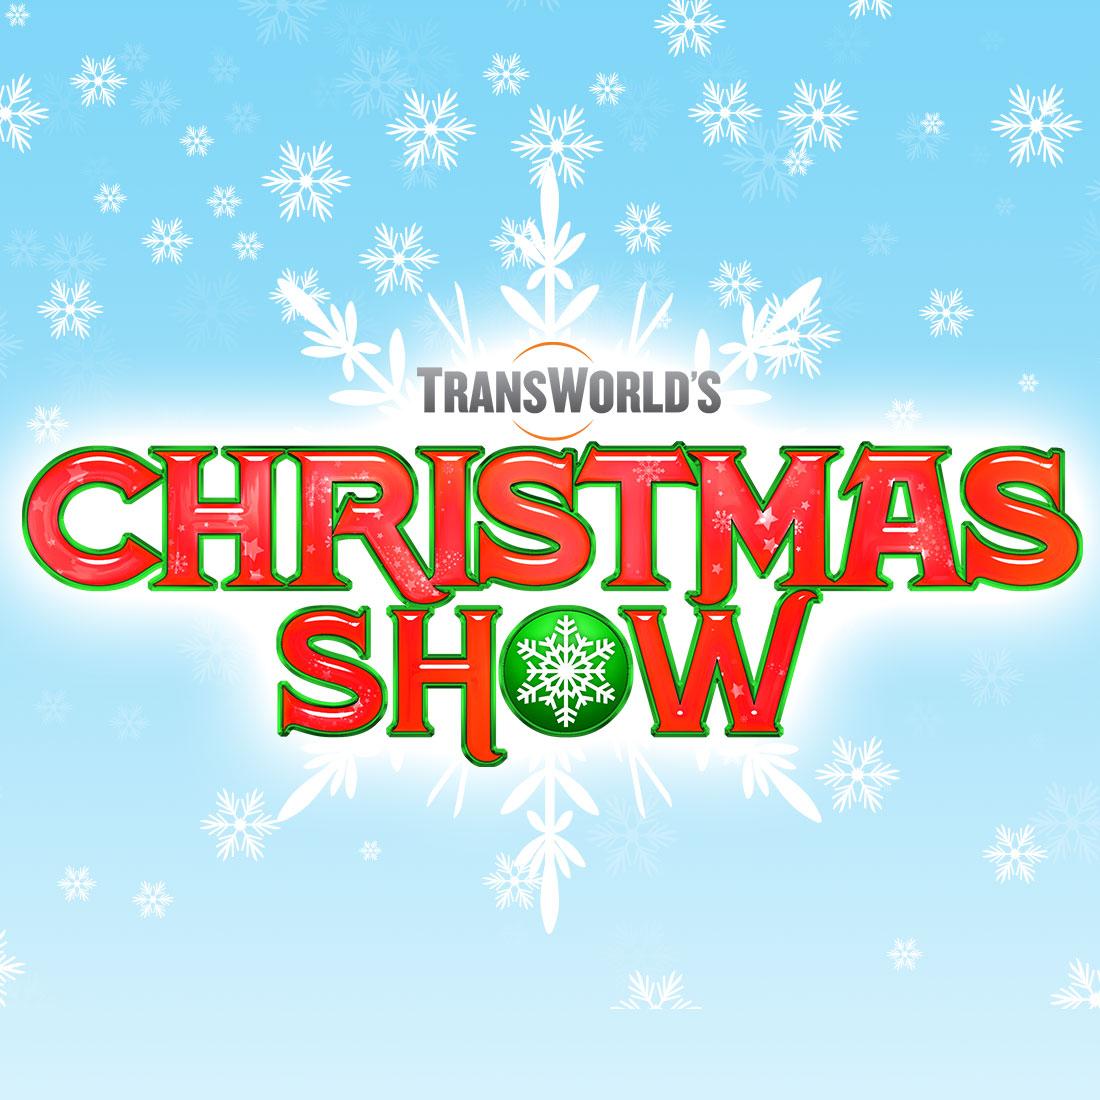 Christmas Show 2019 TransWorld's Christmas Show